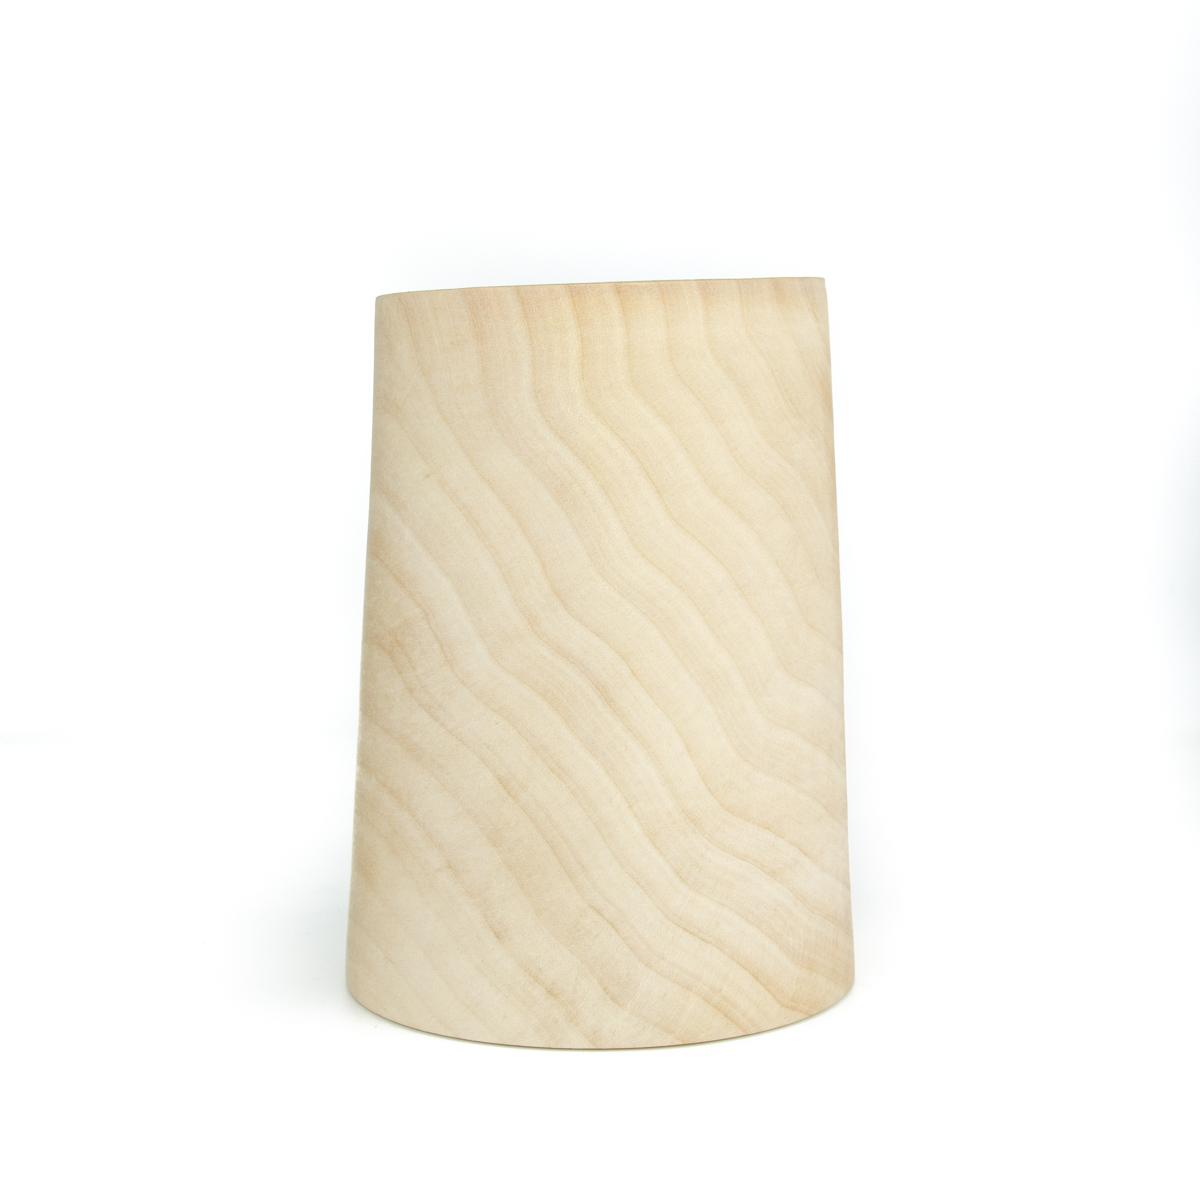 Vase aus TVM-Linde